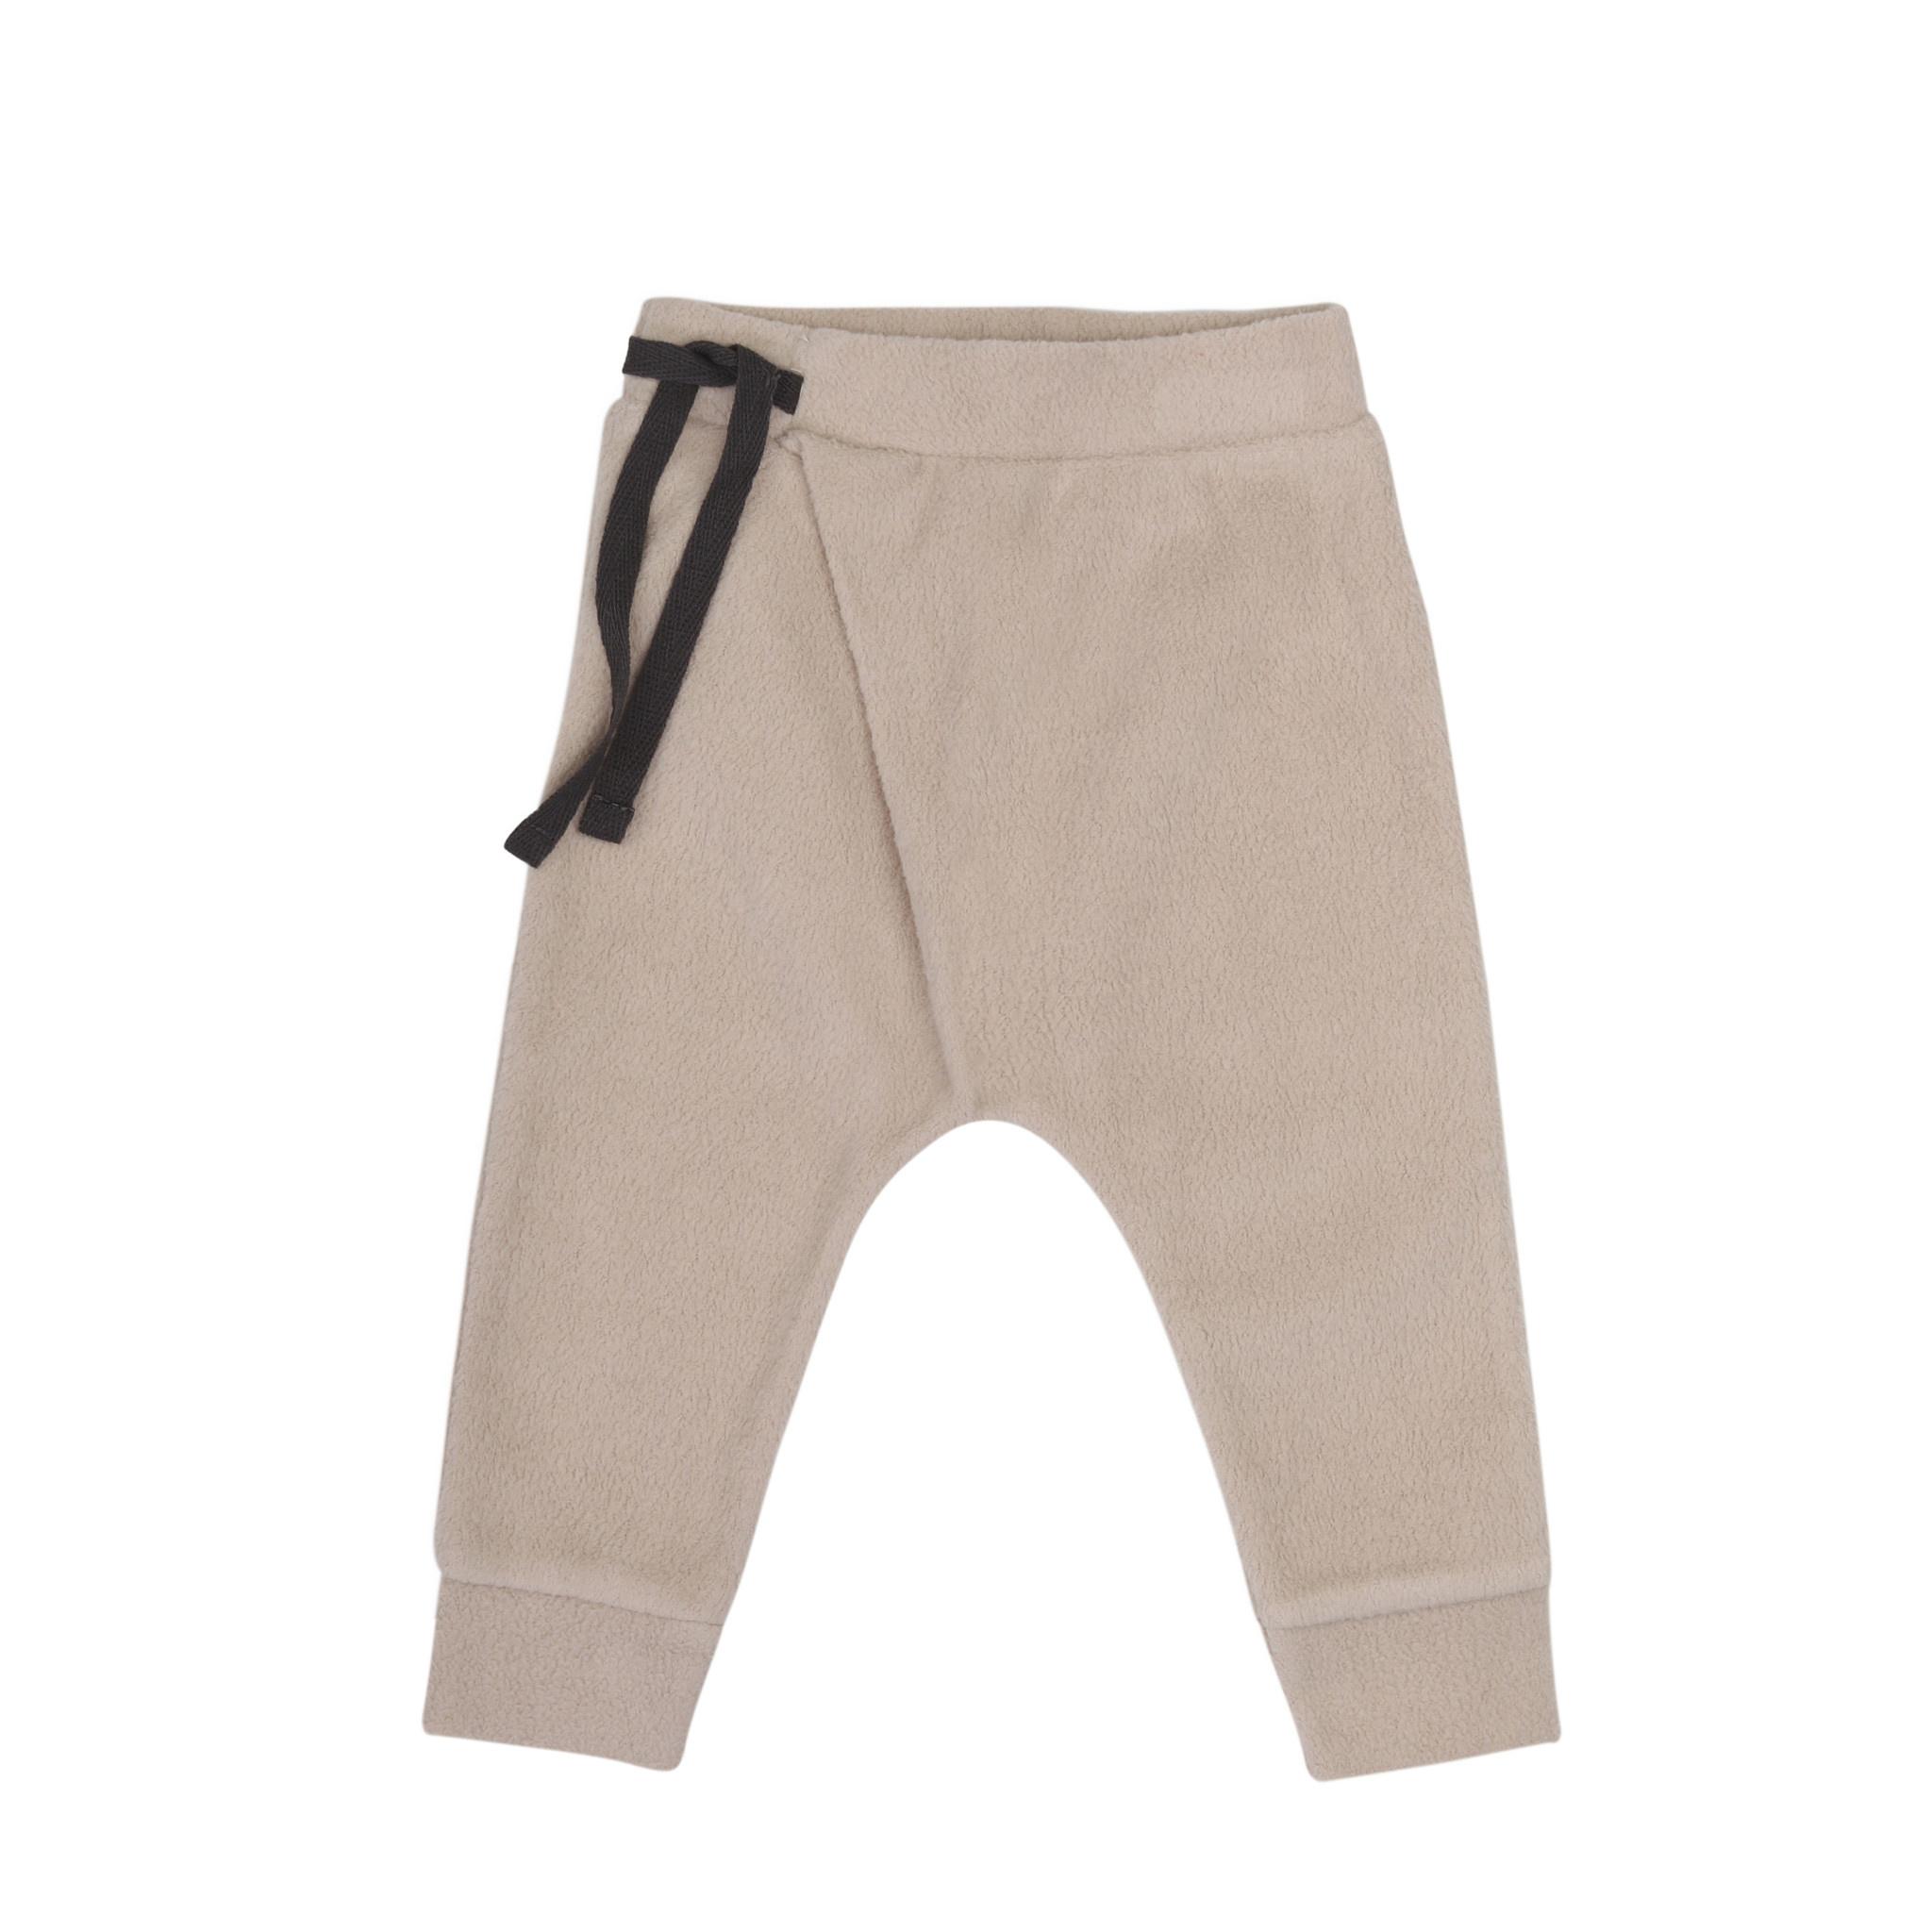 Phil&Phae Phil&phae - Teddy baby harem pants straw